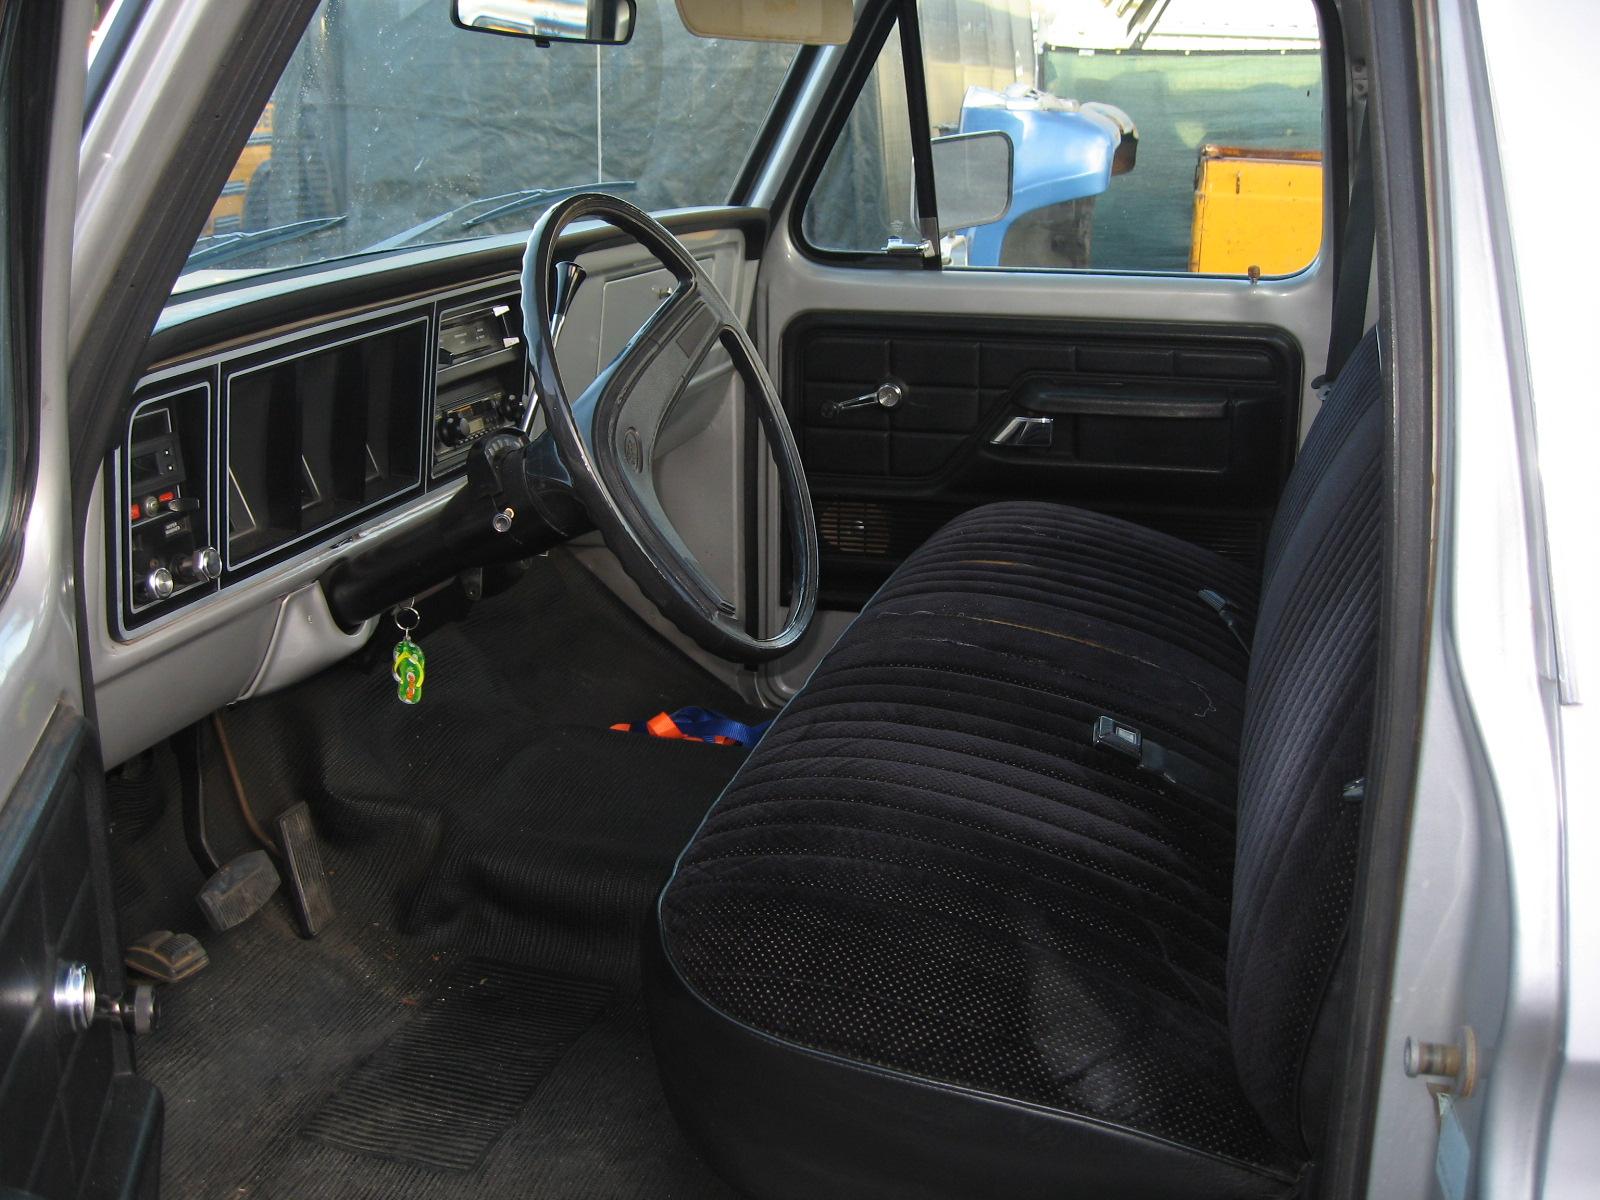 Inside Cab